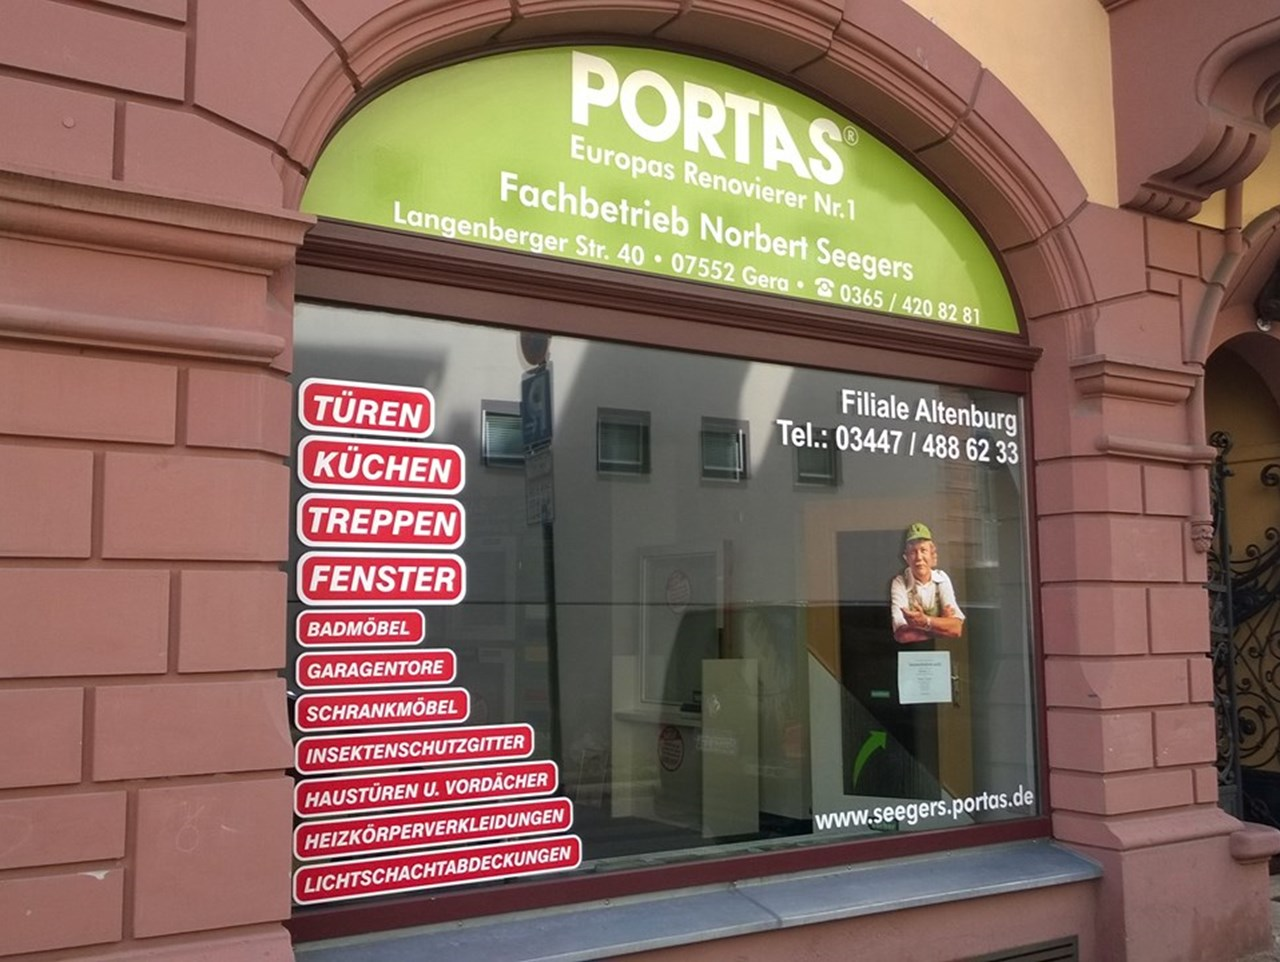 Galerie Portas Partner Norbert Seegers Ek Gera Langenberg